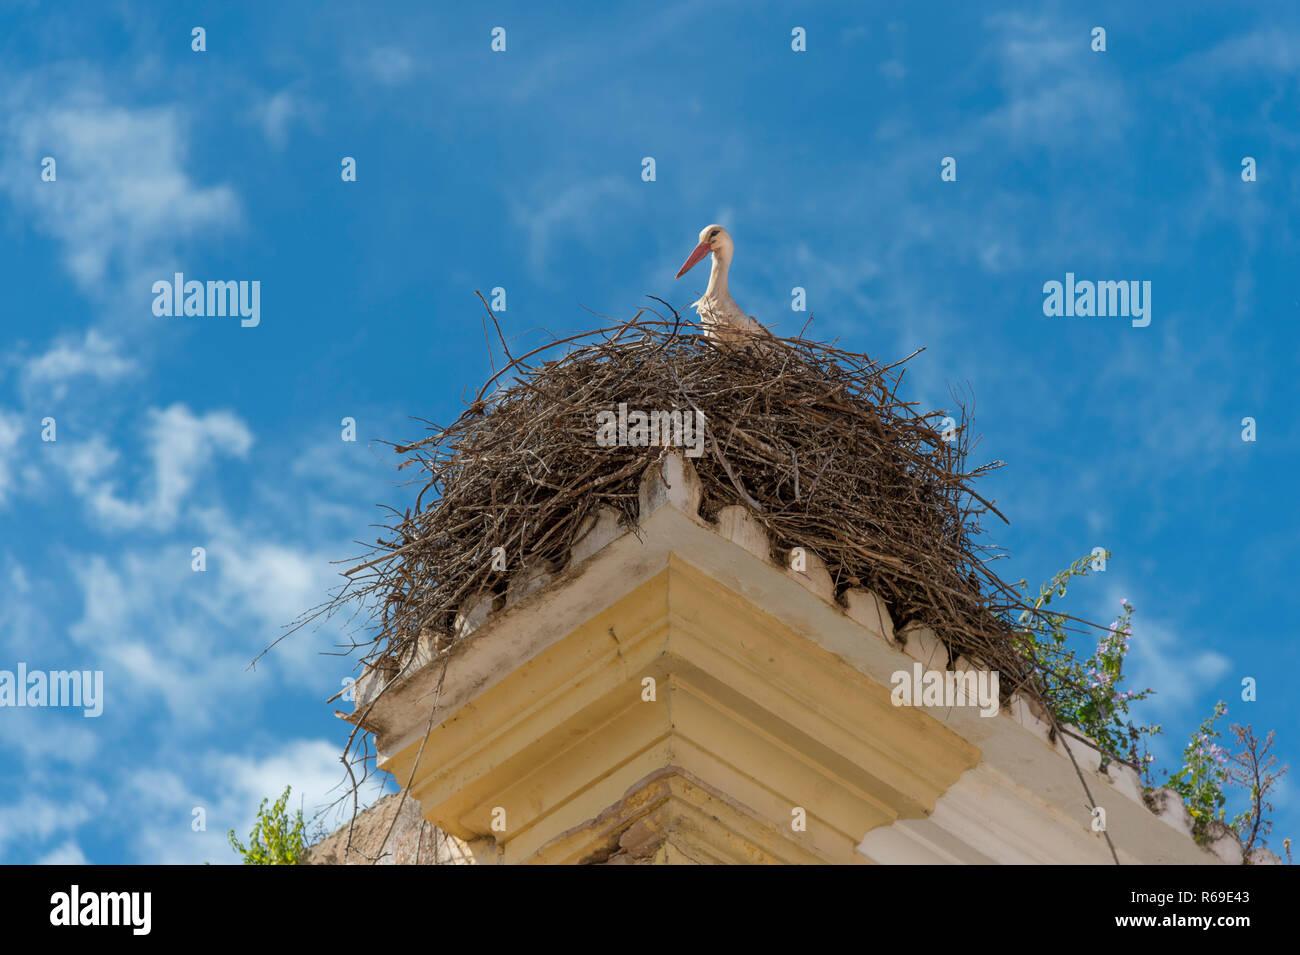 Ein Storch schaut über den Rand eines Nestes Stockbild